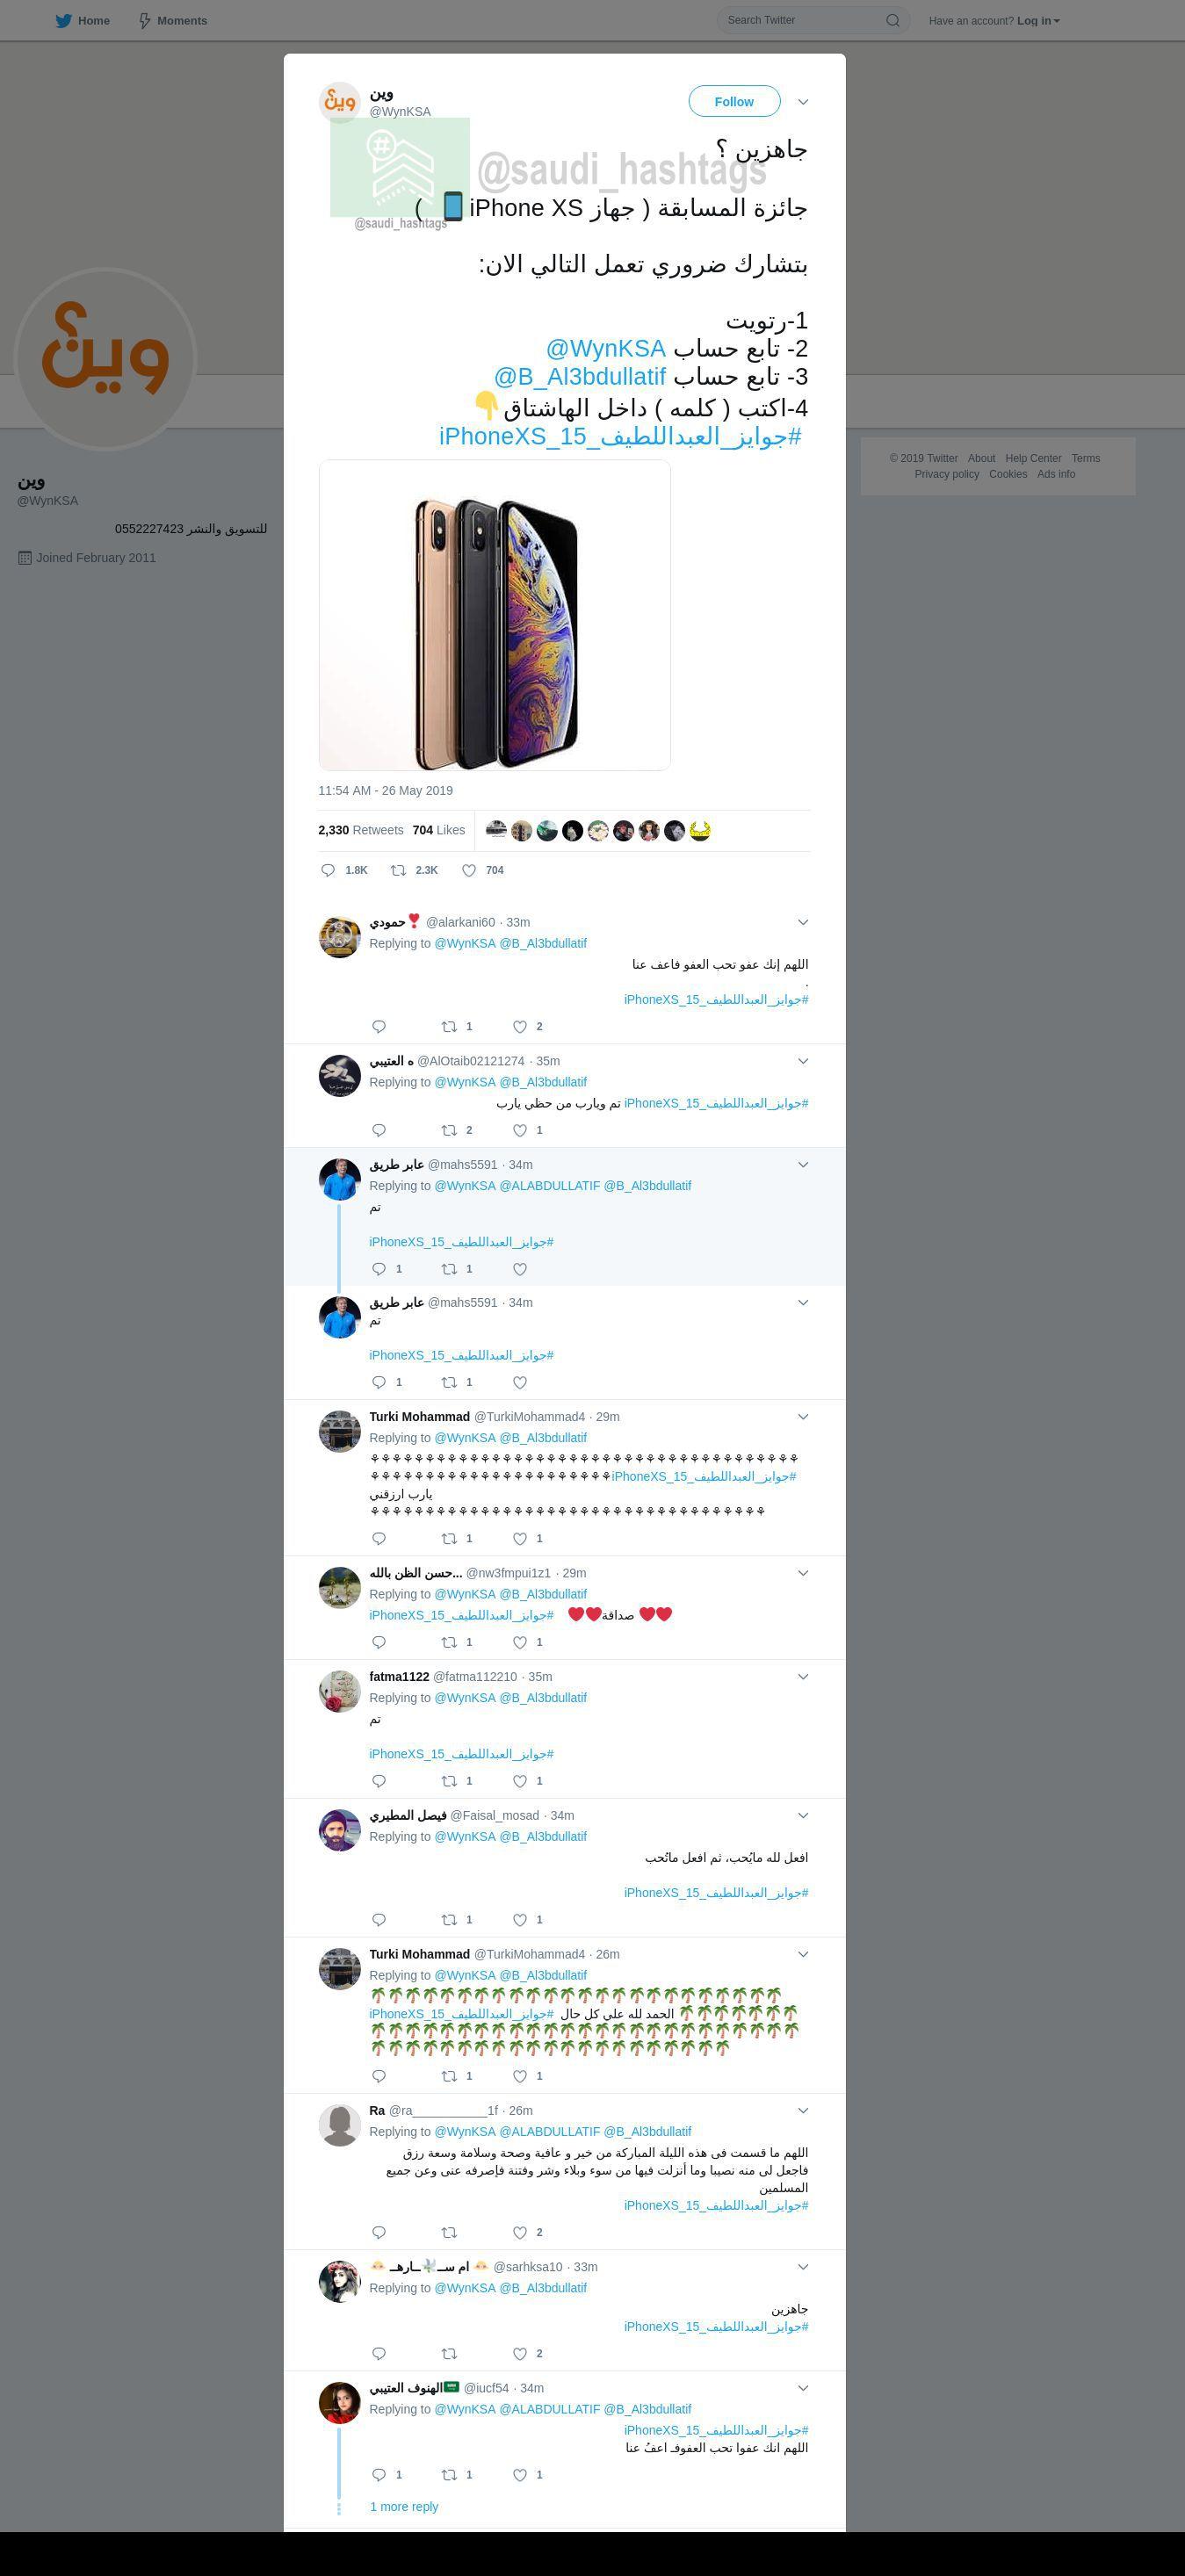 لقطة لاول تغريدة في هاشتاق #جوايز_العبداللطيف_15_iPhoneXS